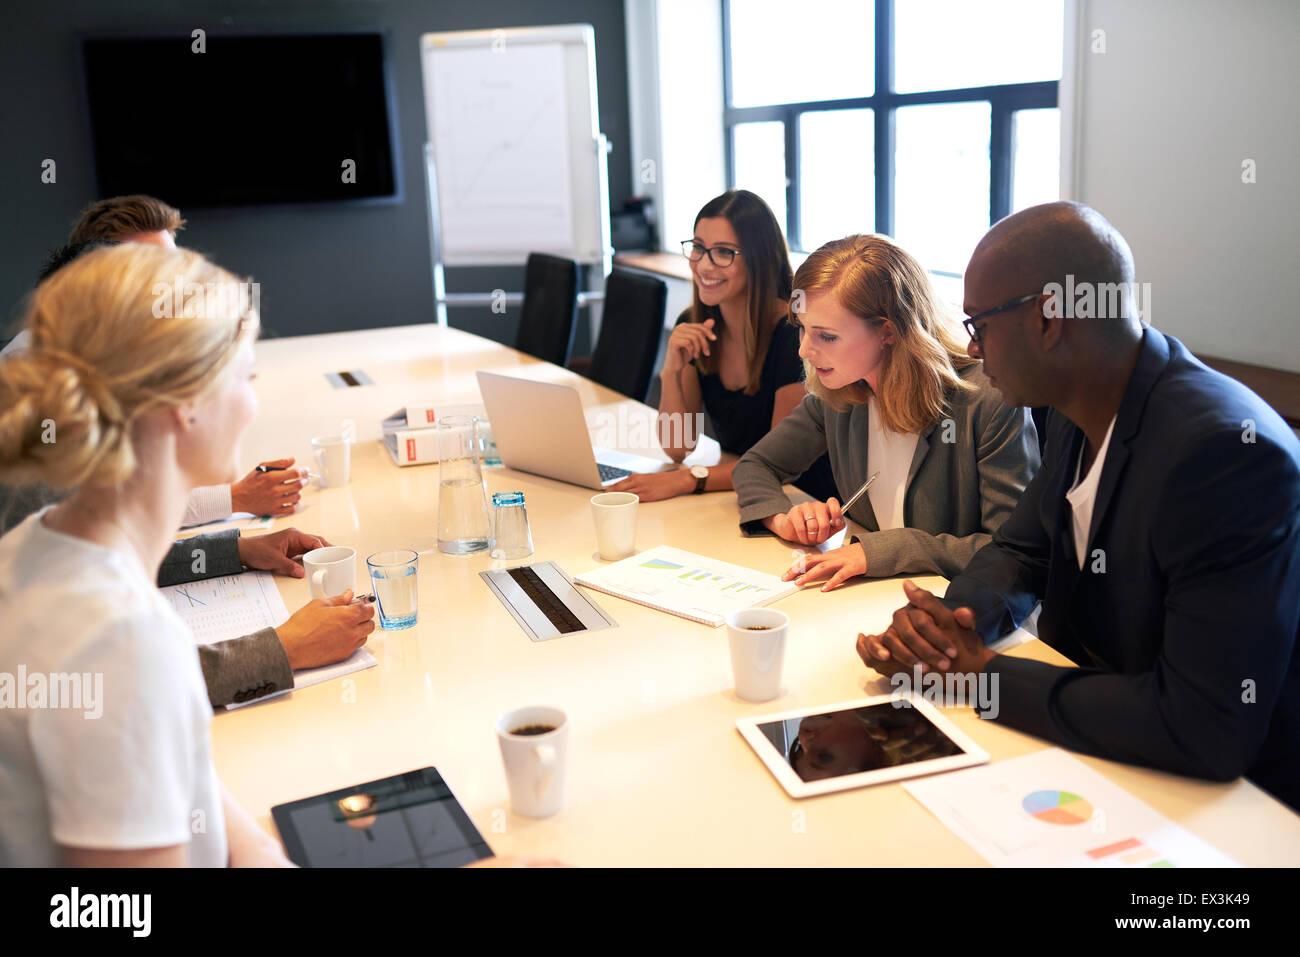 Groupe de jeunes cadres titulaires d'une réunion dans une salle de conférence Photo Stock